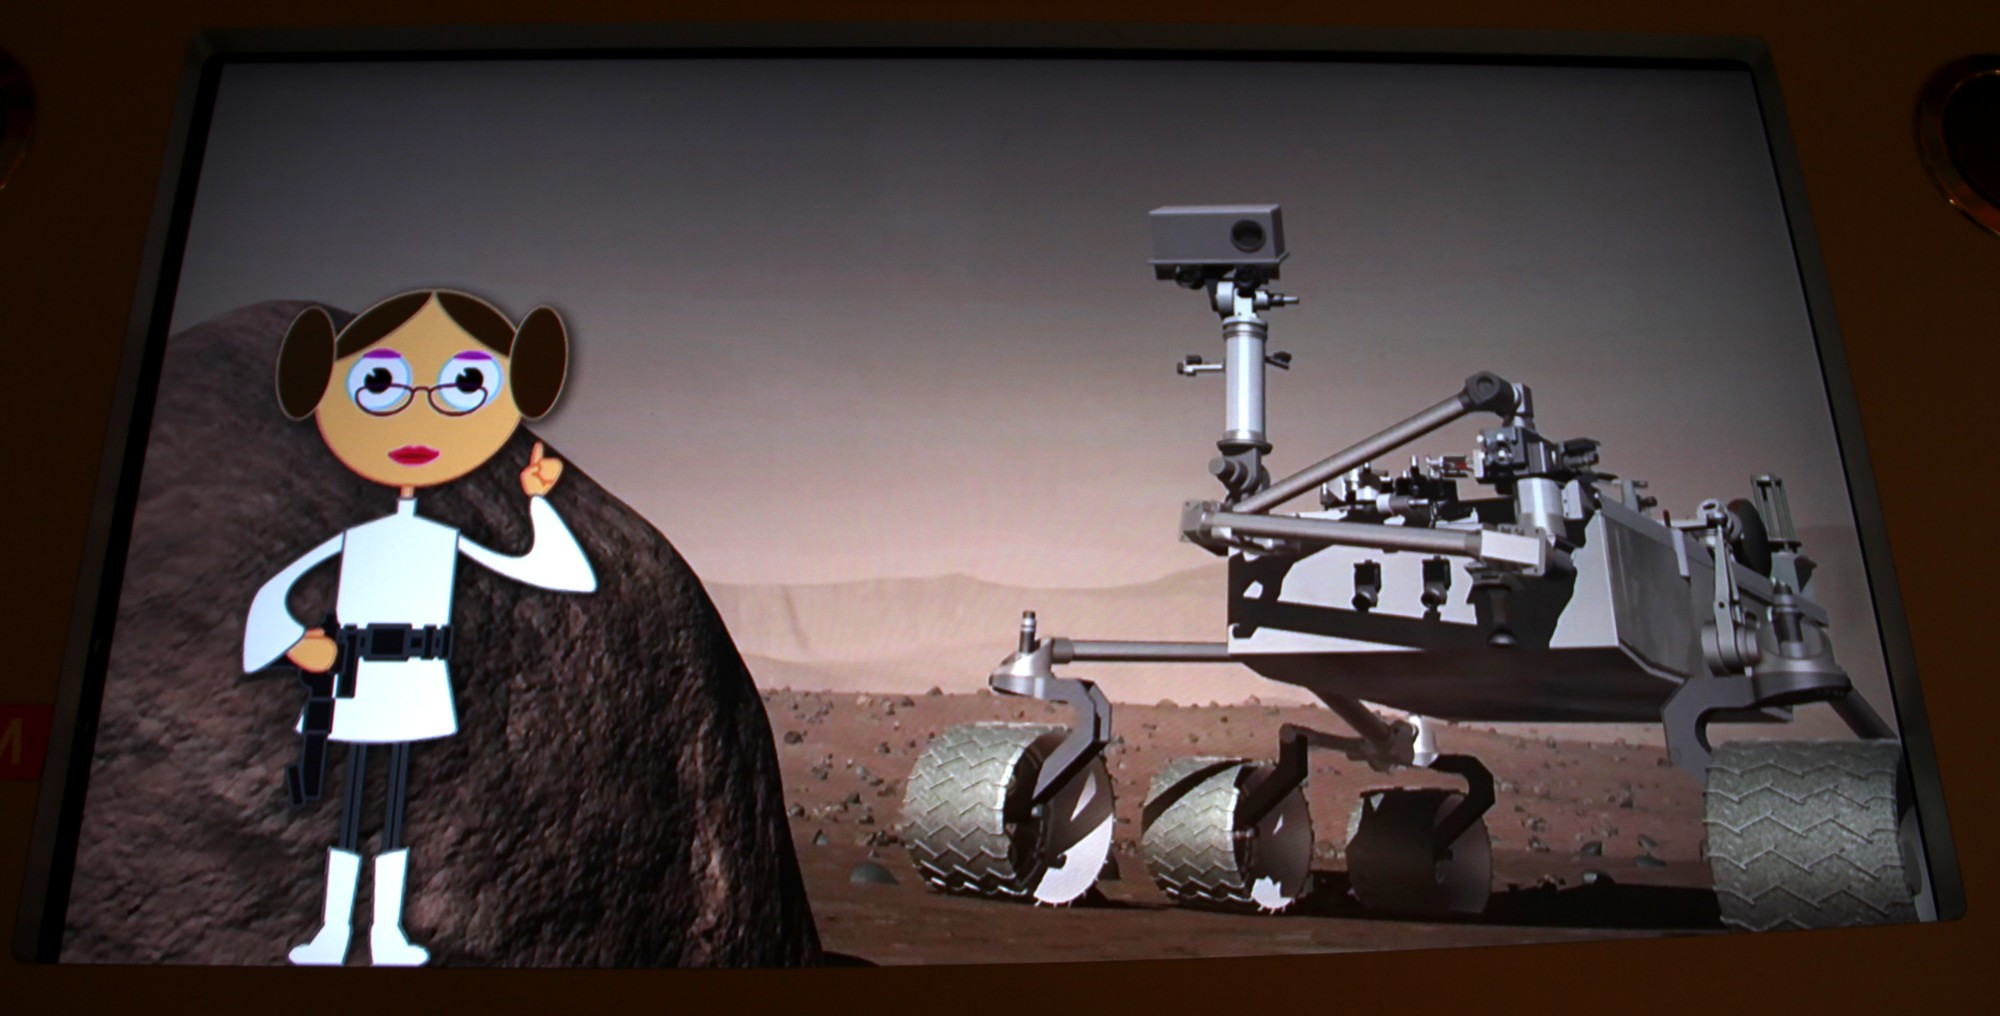 14 12 18 - 17h 42m 48s - Expo l'eau sur Mars pavillon de l'eau r